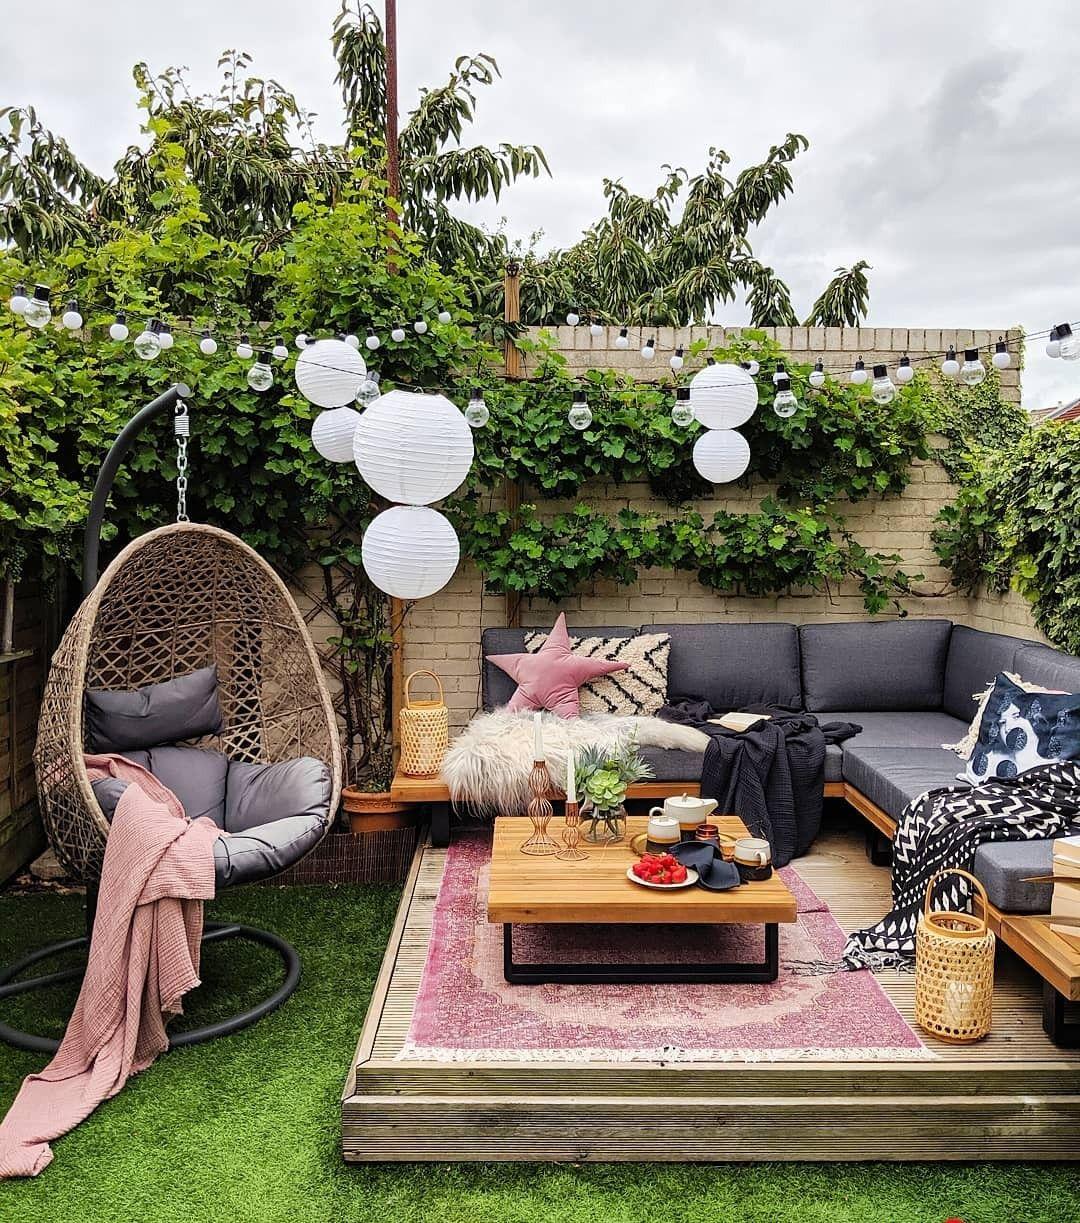 Những xu hướng trang trí sân vườn mùa hè năm nay nhất định bạn không nên bỏ lỡ - Ảnh 1.